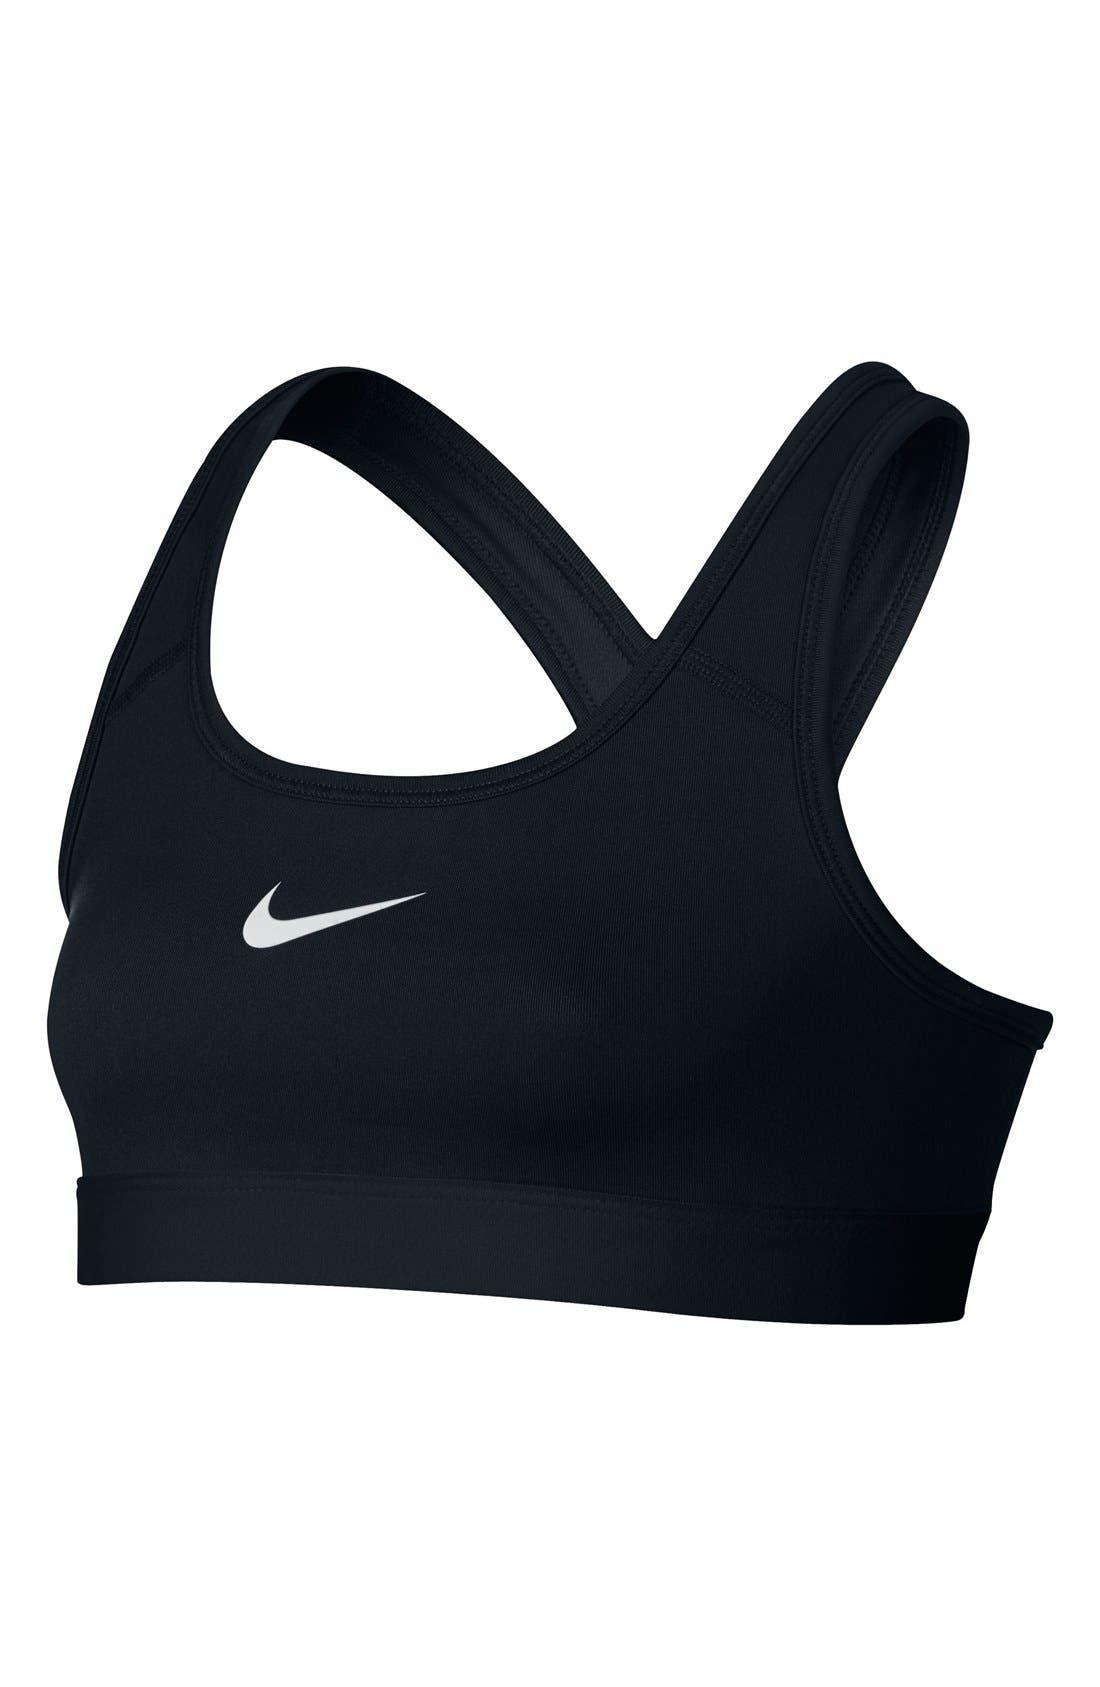 'Pro Classic' Dri-FIT Sports Bra,                         Main,                         color, Black/ White